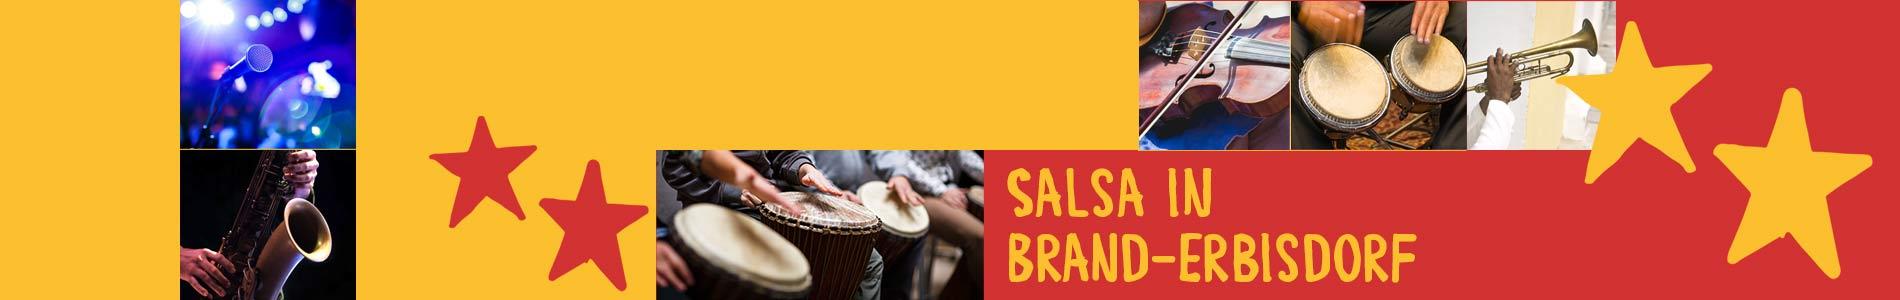 Salsa in Brand-Erbisdorf – Salsa lernen und tanzen, Tanzkurse, Partys, Veranstaltungen